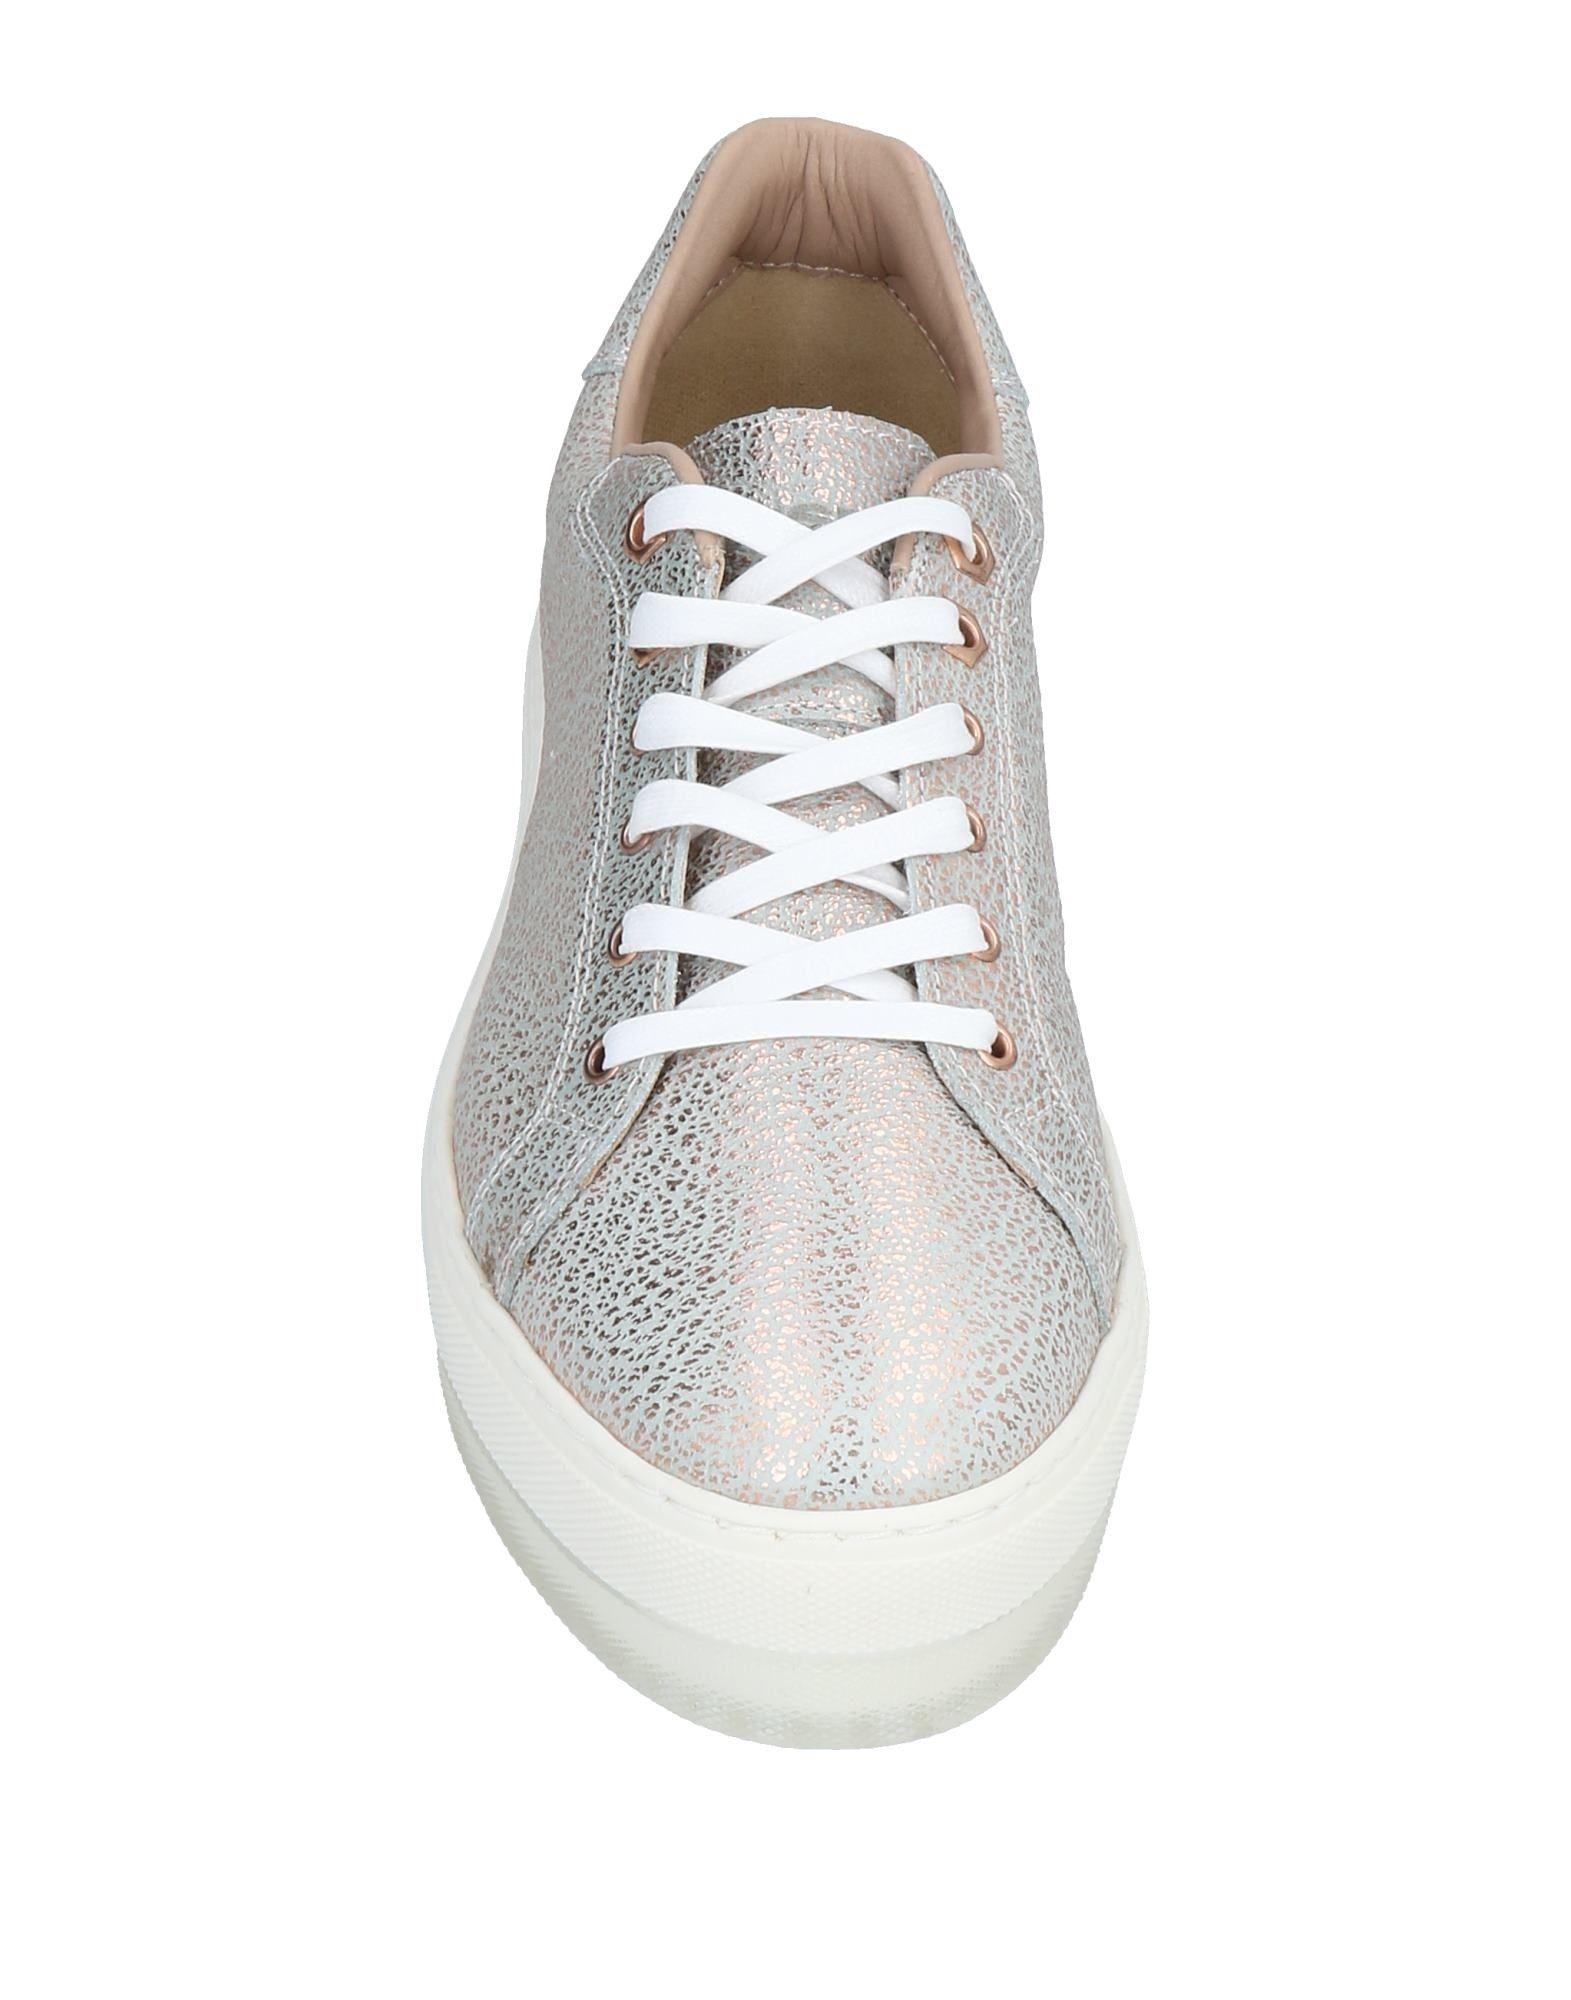 Diesel Gute Sneakers Damen  11491452SE Gute Diesel Qualität beliebte Schuhe 95052f